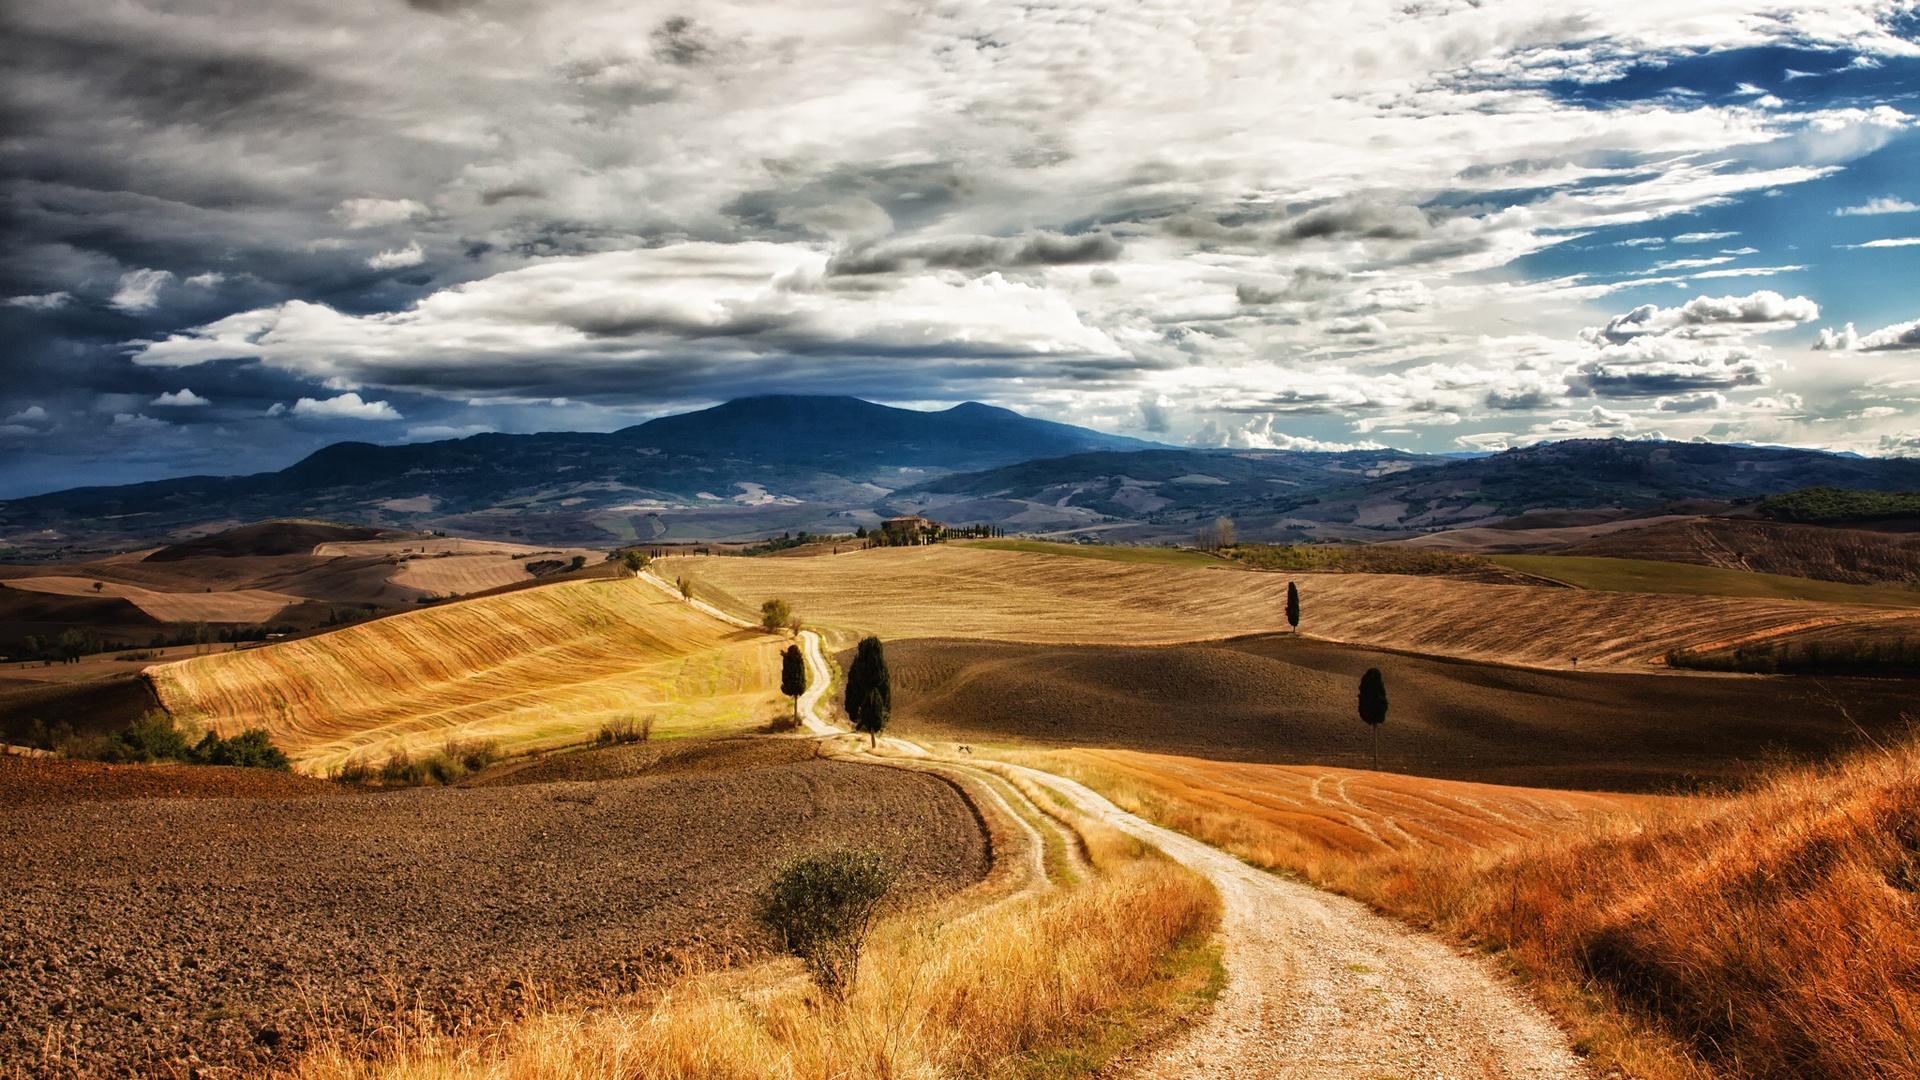 дорога в Италии  № 2221854 загрузить